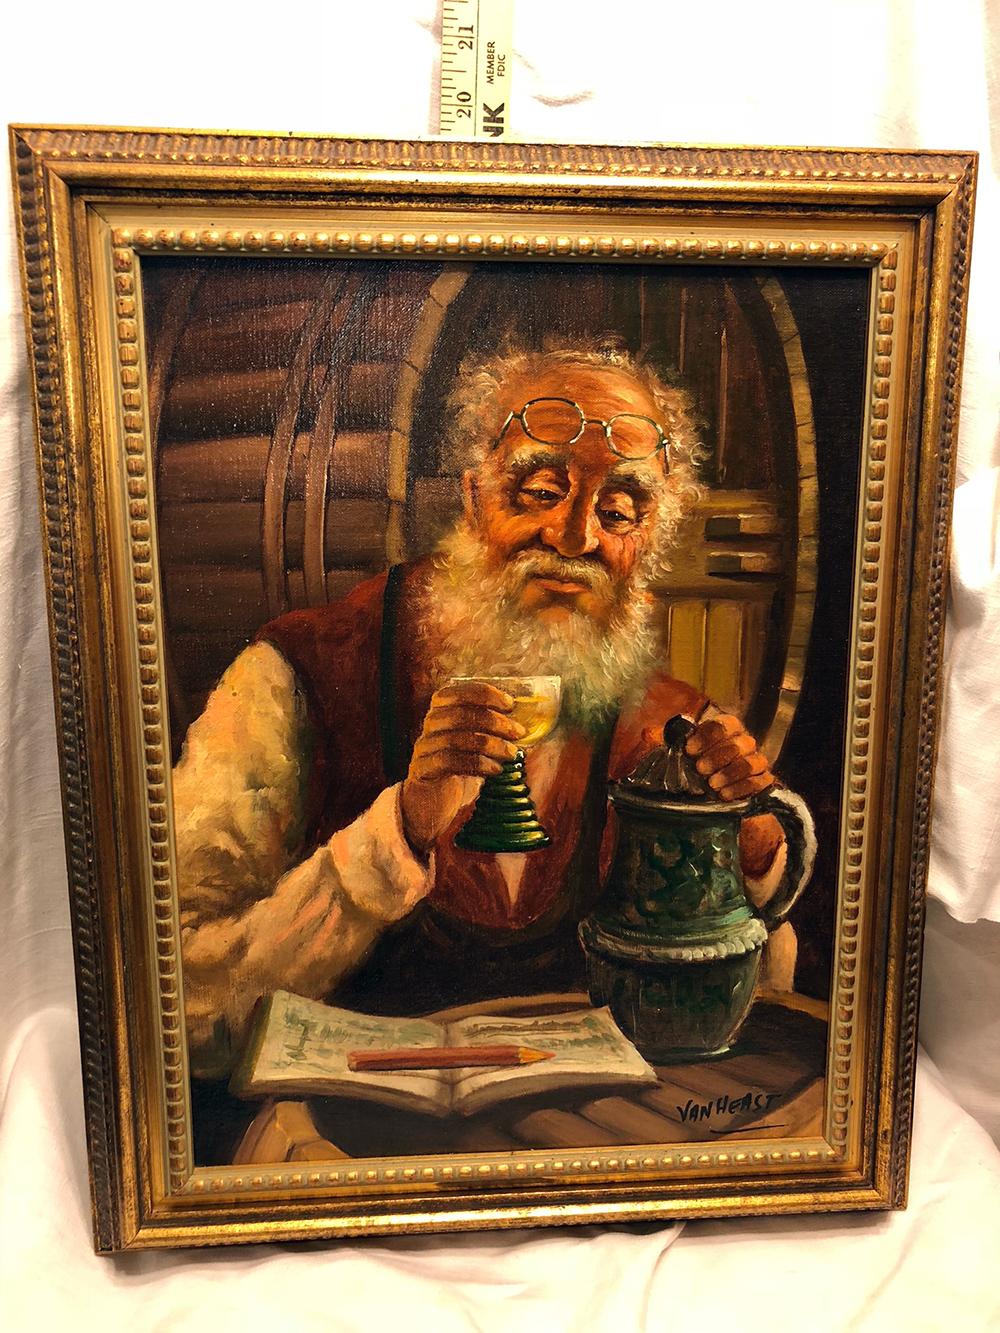 Van Heast Estate Oil Painting